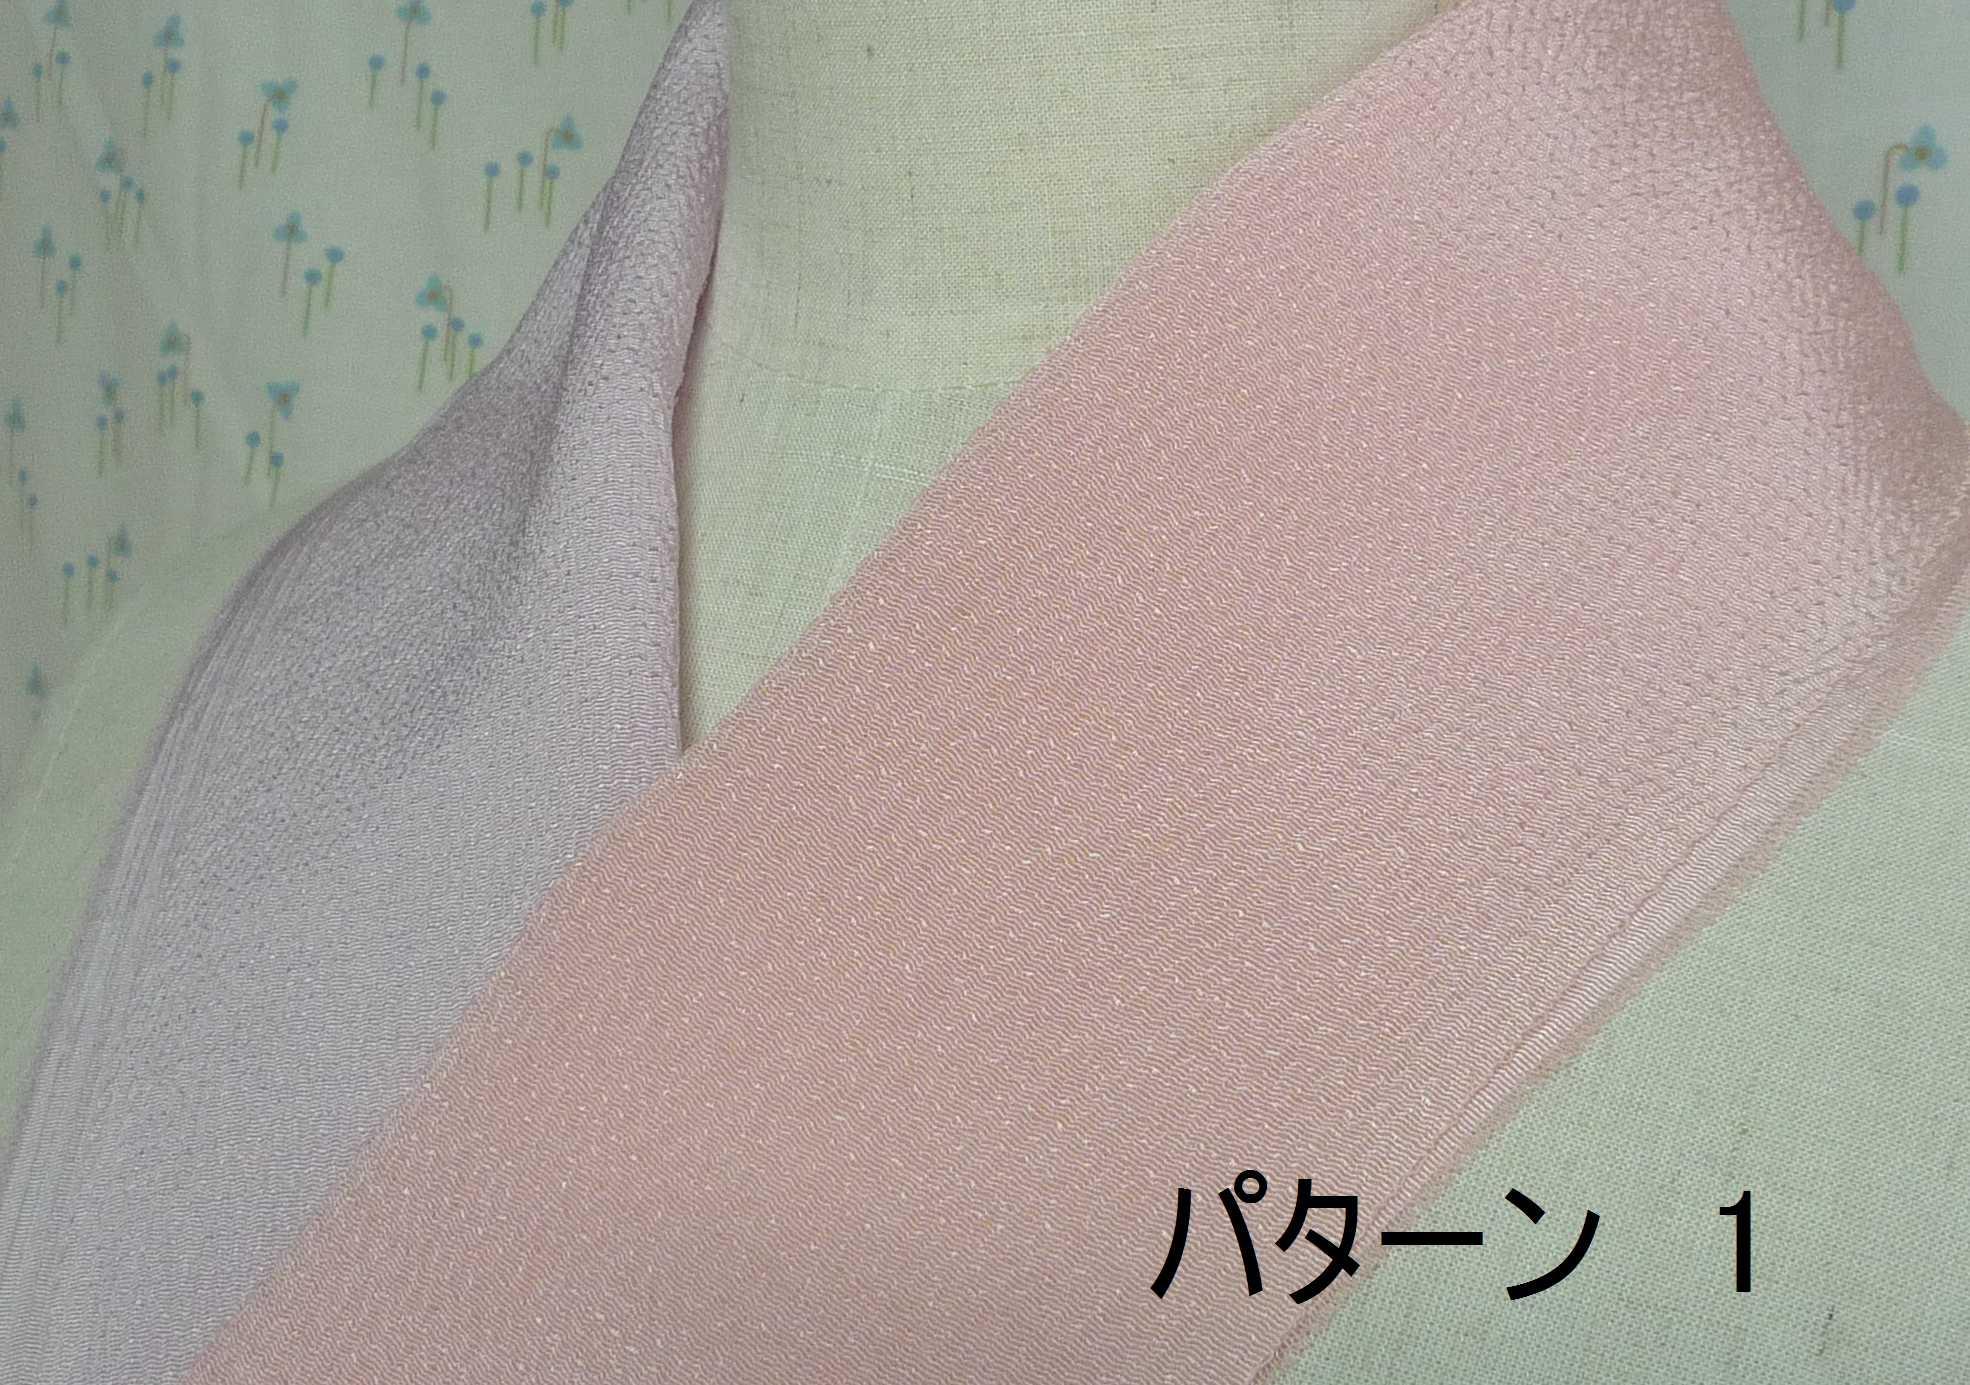 【逸品半額!】 絹千とうずら縮緬の変わり染め分け半衿 【アウトレット】